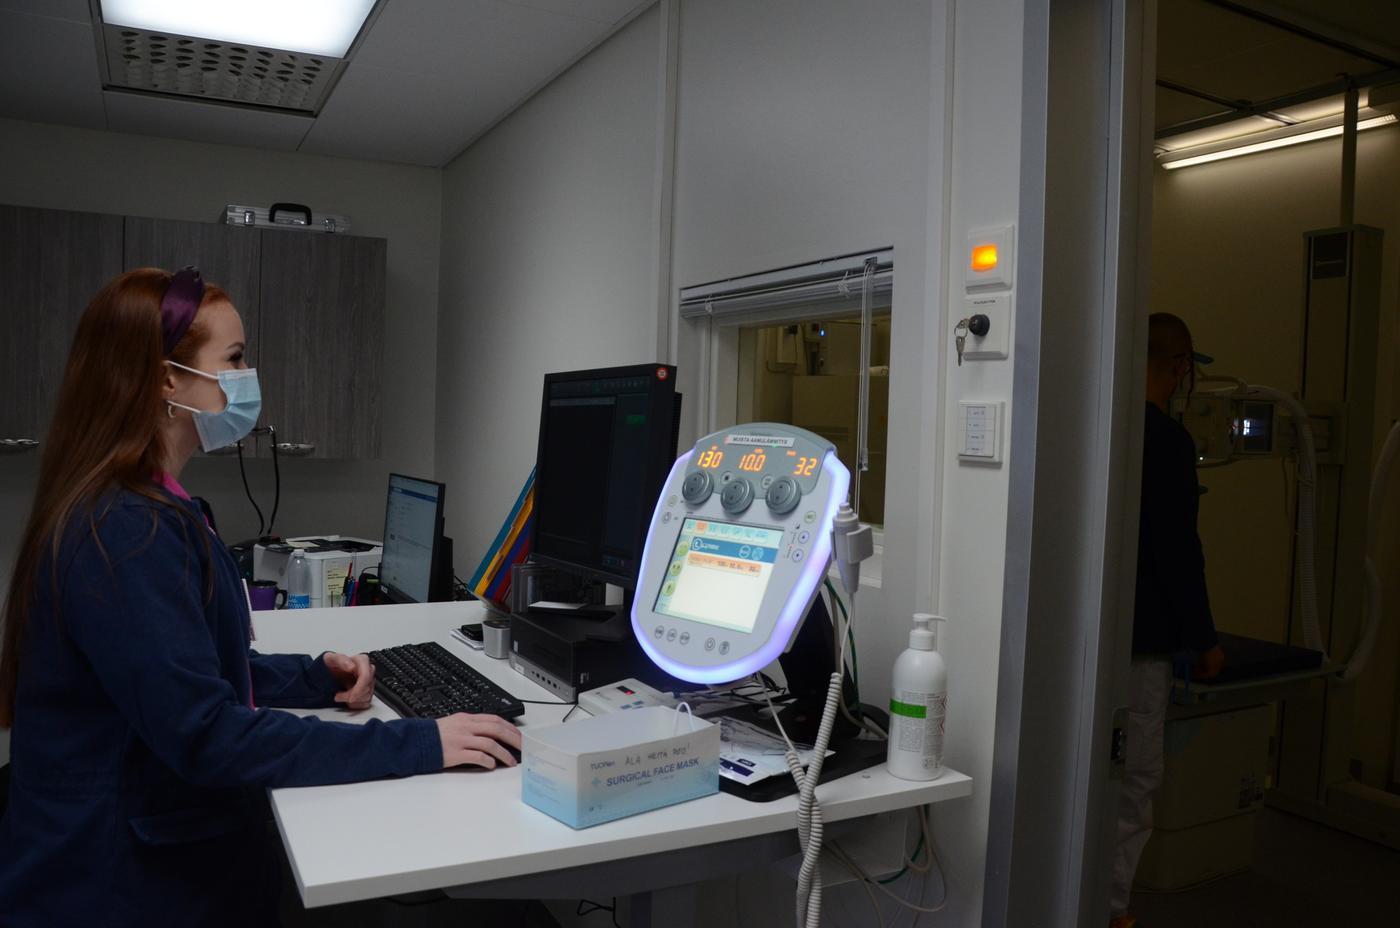 kvinna står vid ett skribord där en apparat med många siffor lyser